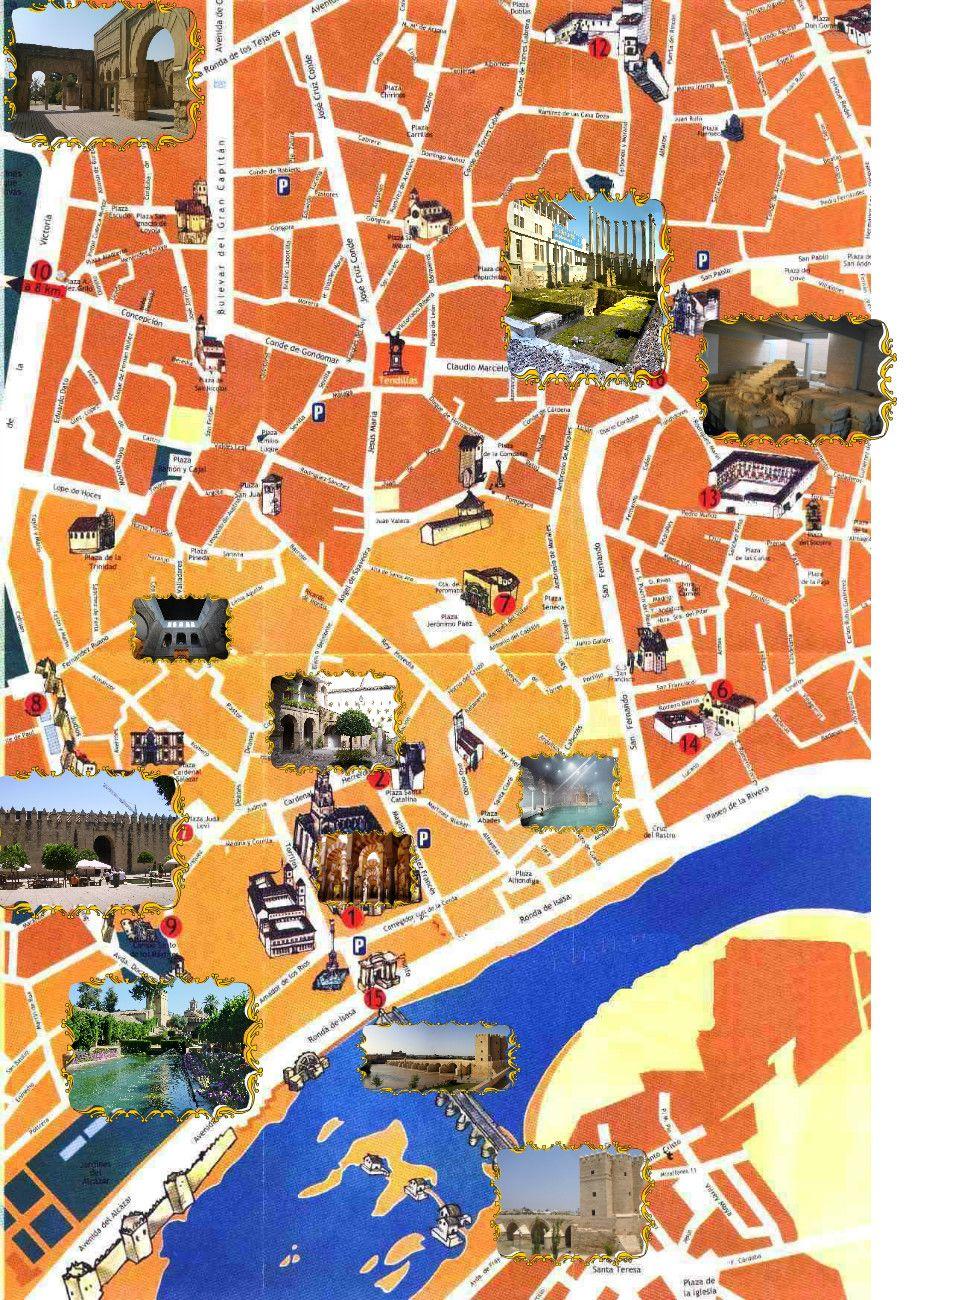 españa tours turisticos mapa turistico de c rdoba mapas turisticos pinterest